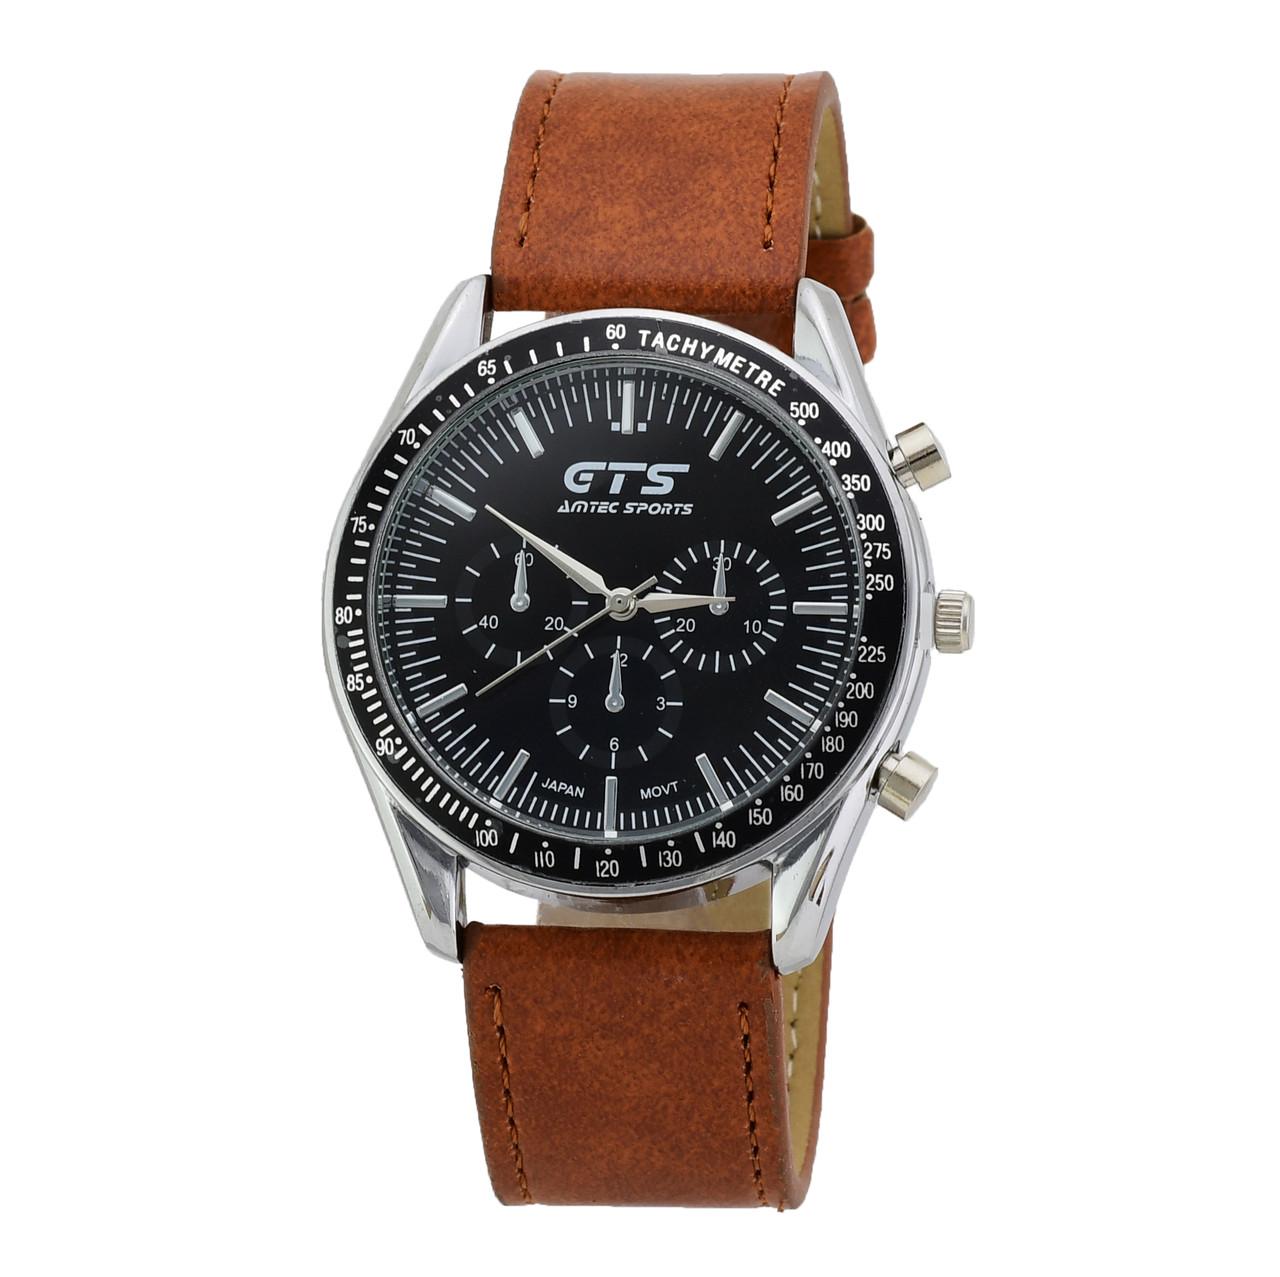 Часы G-060 с японским механизмом, диаметр циферблата 4.2 см, длина ремешка 18-22 см, коричневый цвет